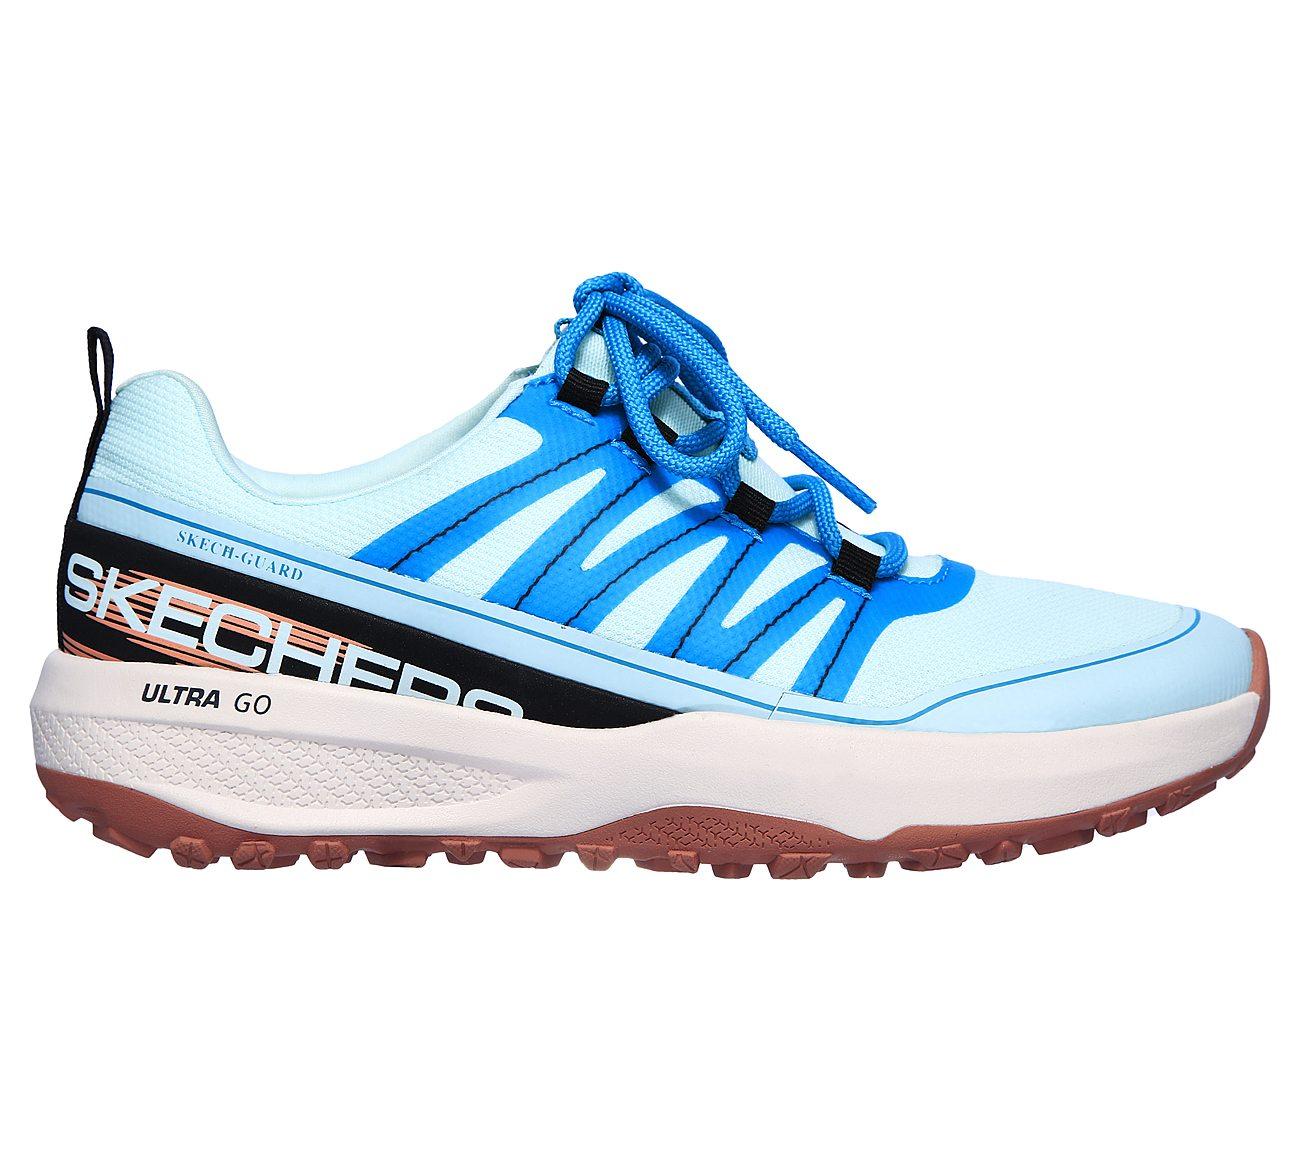 Buy SKECHERS Skechers GOtrail 2 Skechers Performance Shoes